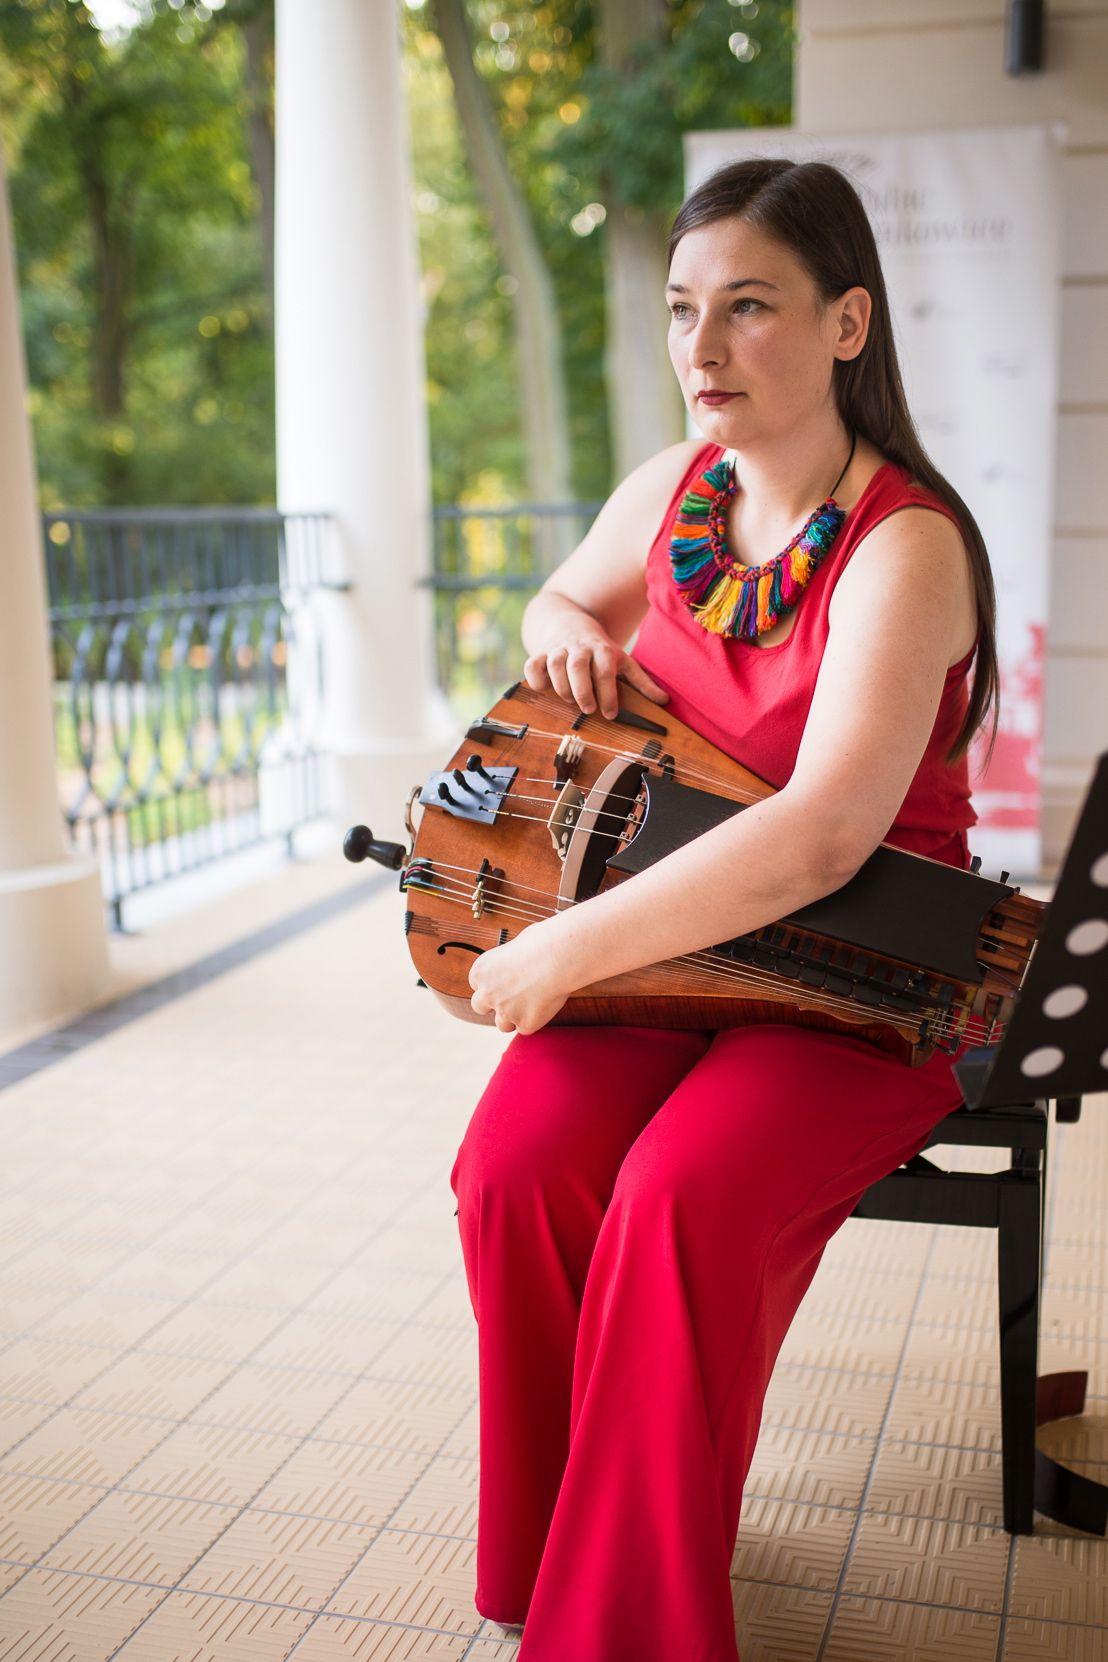 Malvina Pasek (Malwina Paszek) ‒ tradicinės vokalinės muzikos atlikėja, įvaldžiusi daugybę instrumentų: groja akordeonu, pianinu, karimba, citra ir kt., tačiau aistringiausiai įsimylėjusi ratukinę rylą | Klaipėdos etnokultūros centro nuotr.